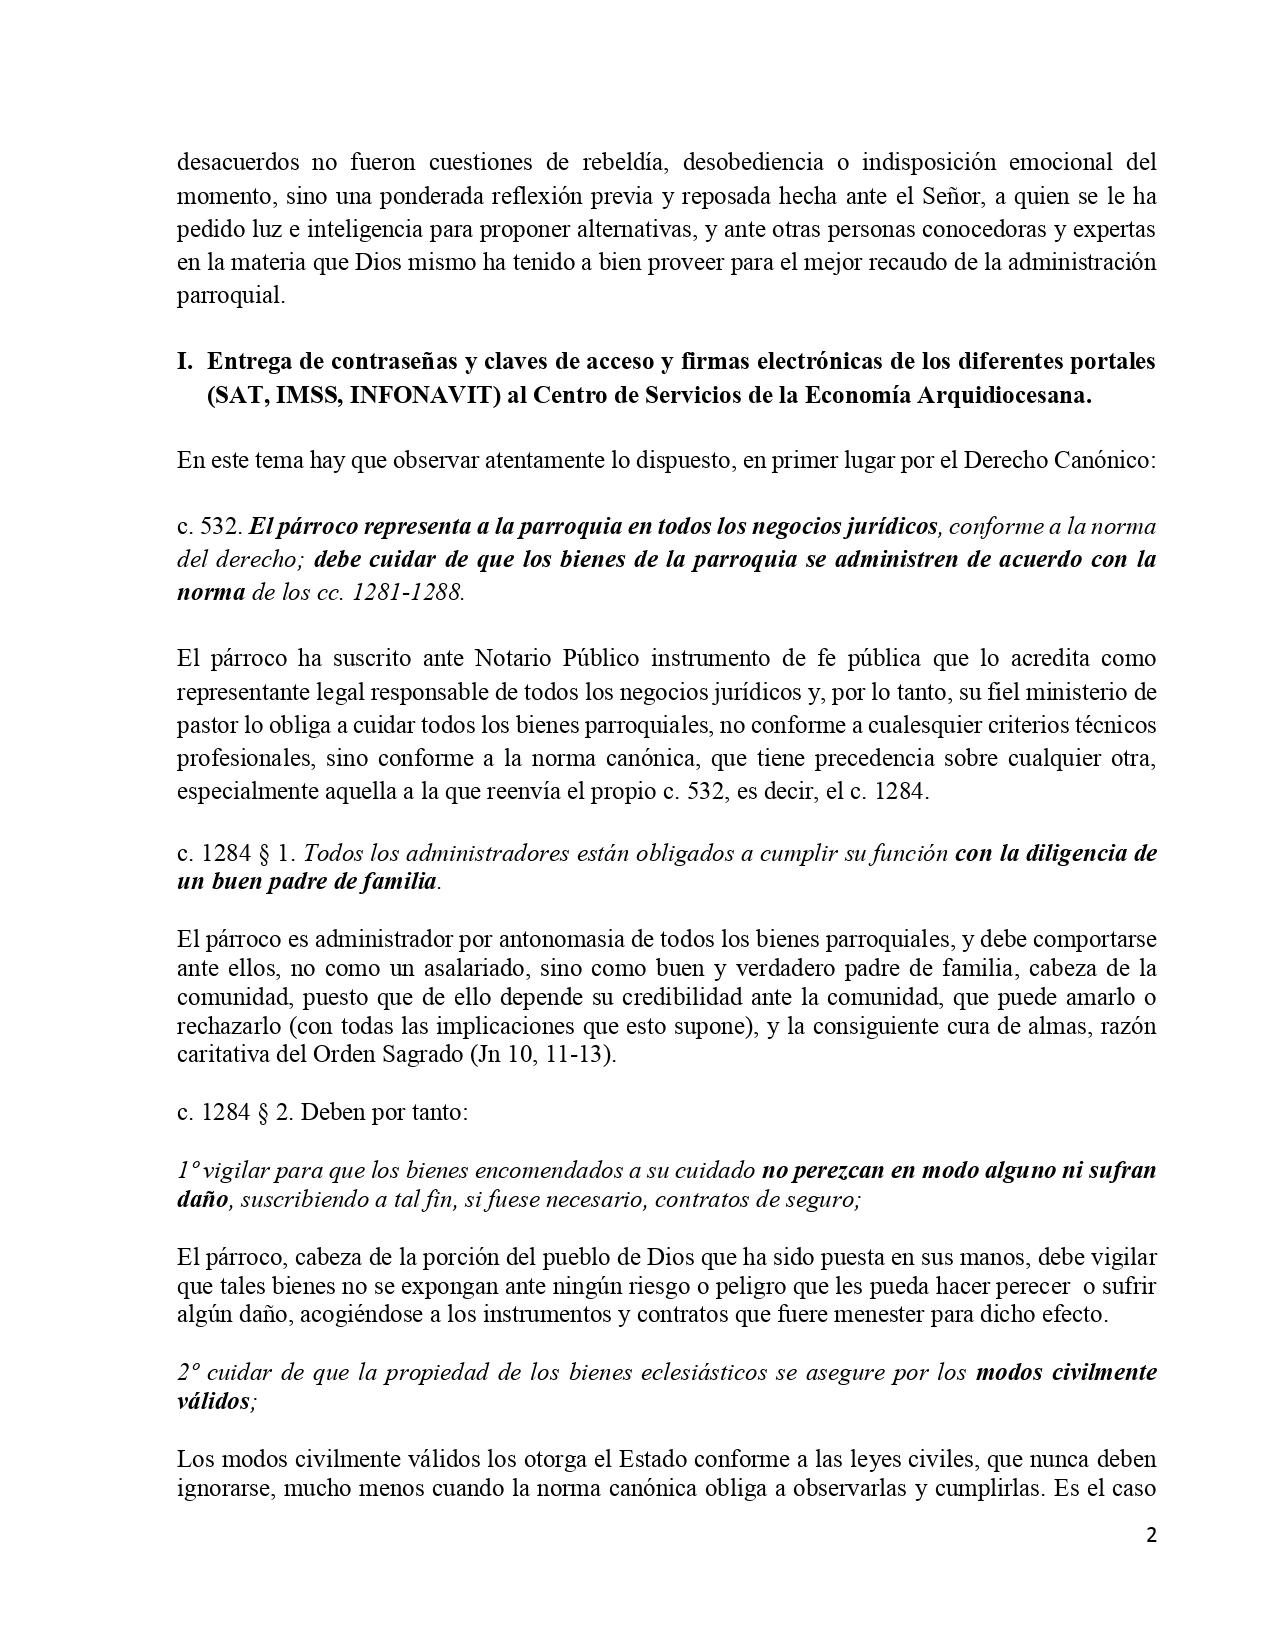 PROPUESTA A ECONOMÍA ARQUIDIOCESANA_page-0002